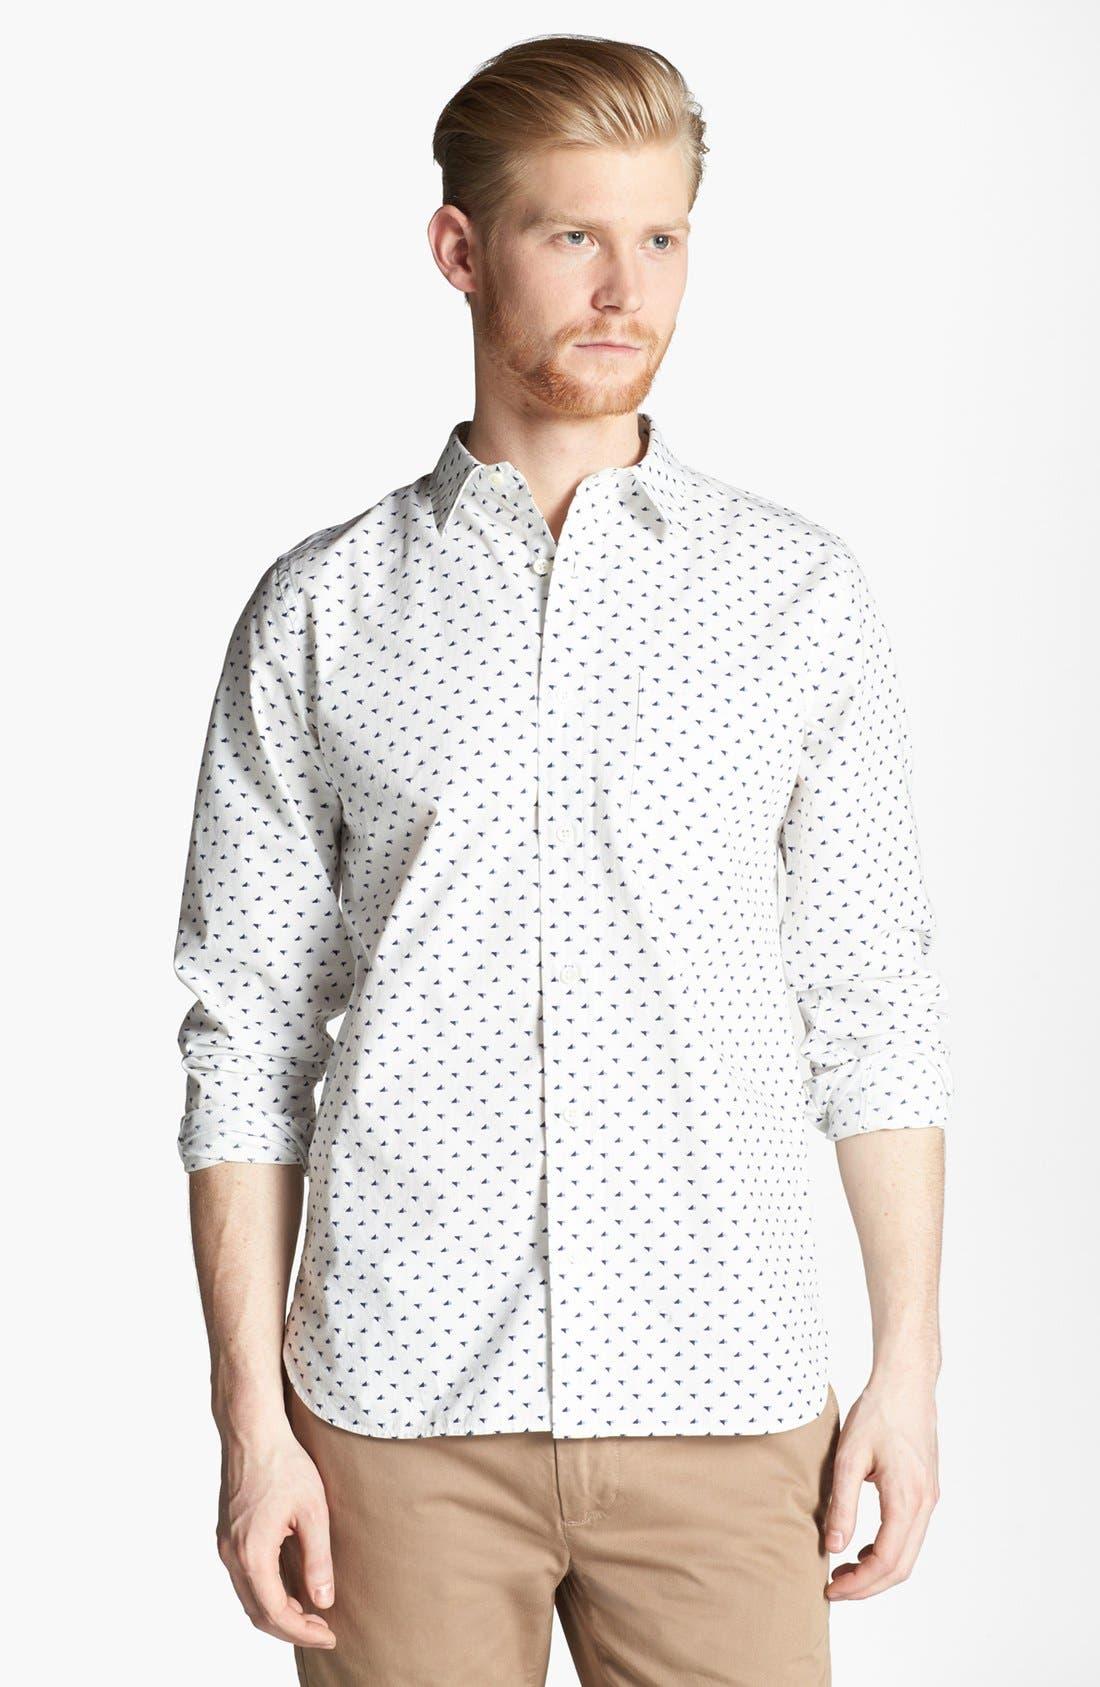 Alternate Image 1 Selected - Jack Spade 'Tangram Bird' Print Woven Shirt